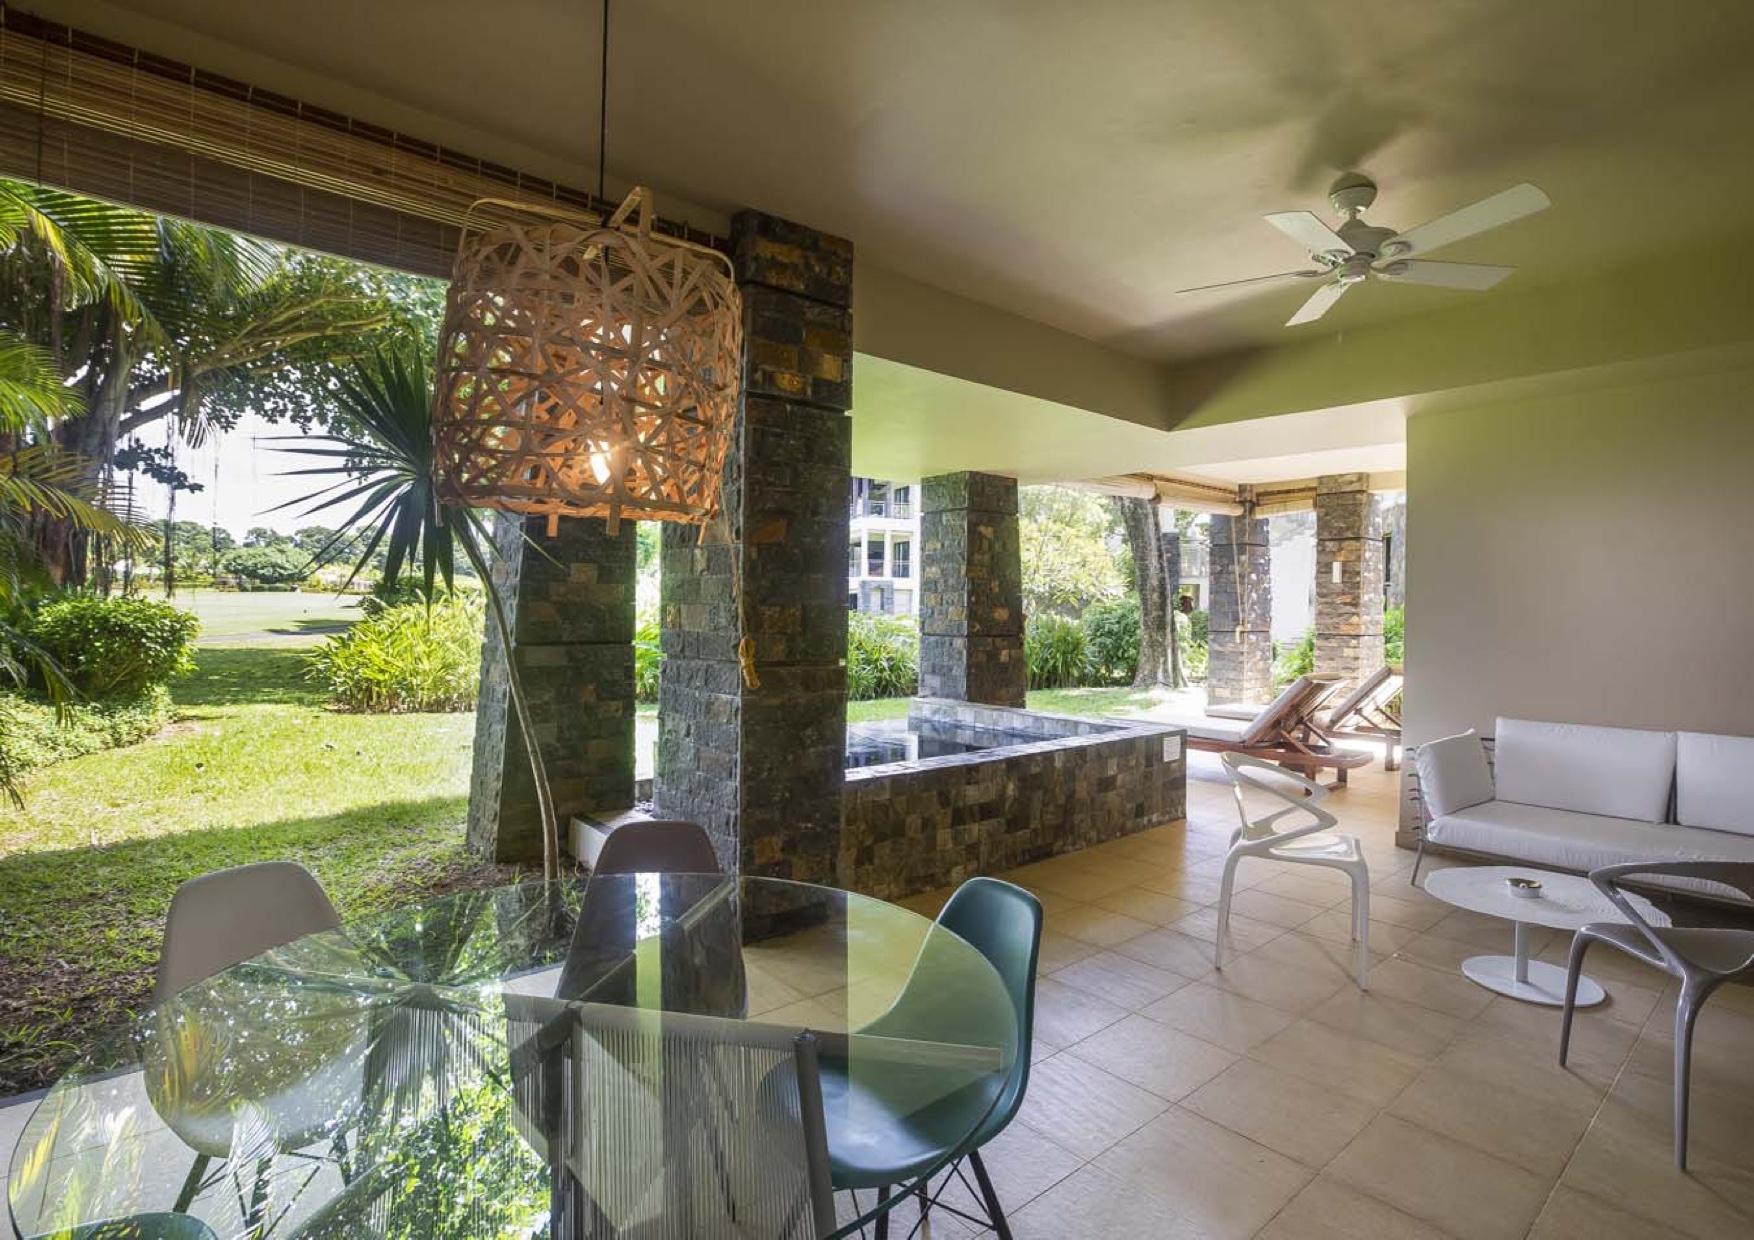 Appartement de 3 chambres - 211 m² Beau Champ, Est | île Maurice